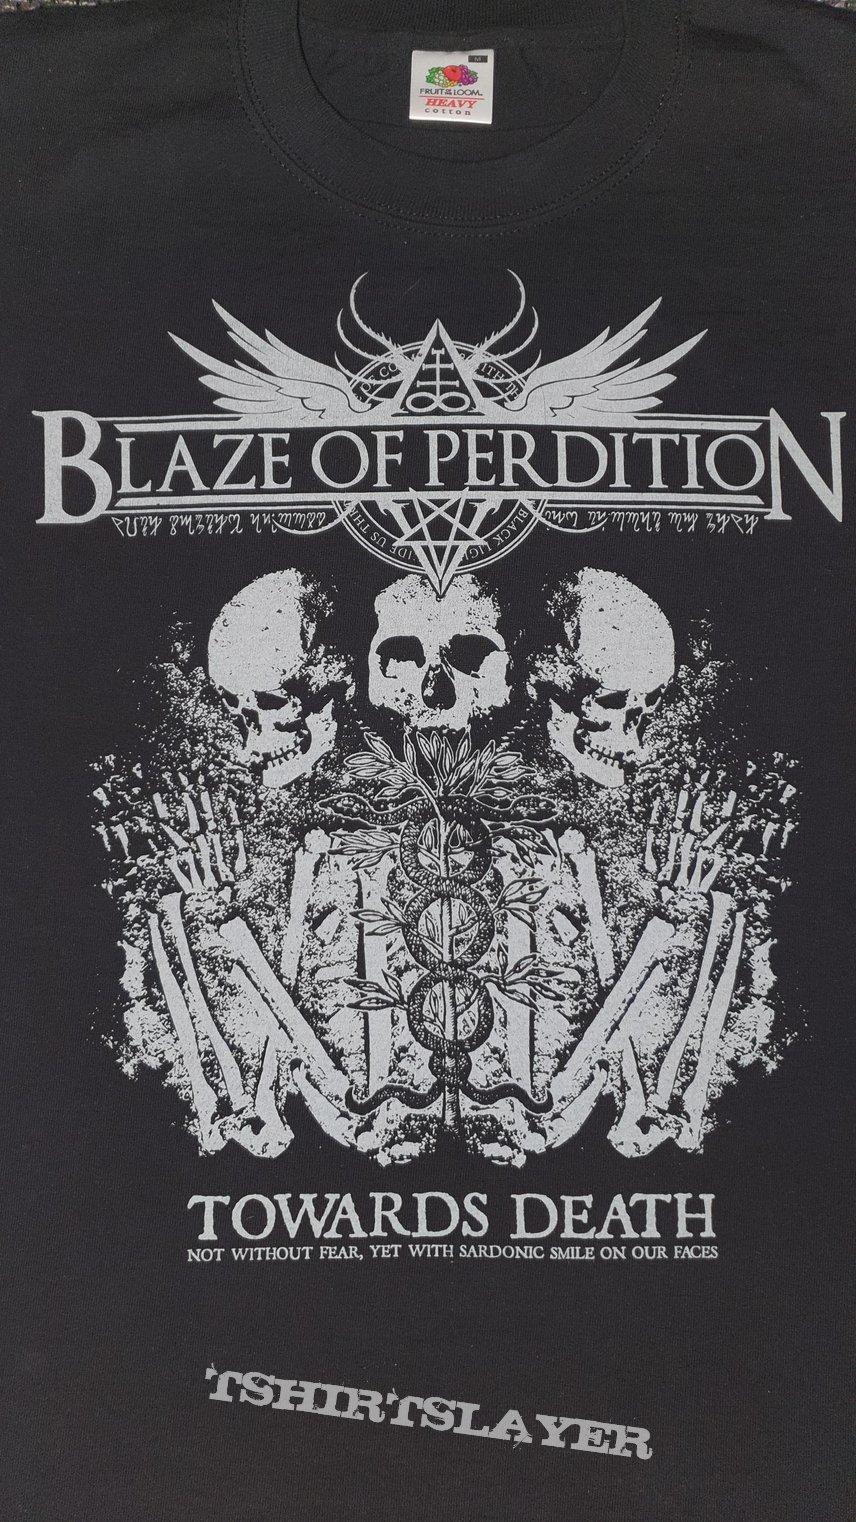 Blaze of Perdition